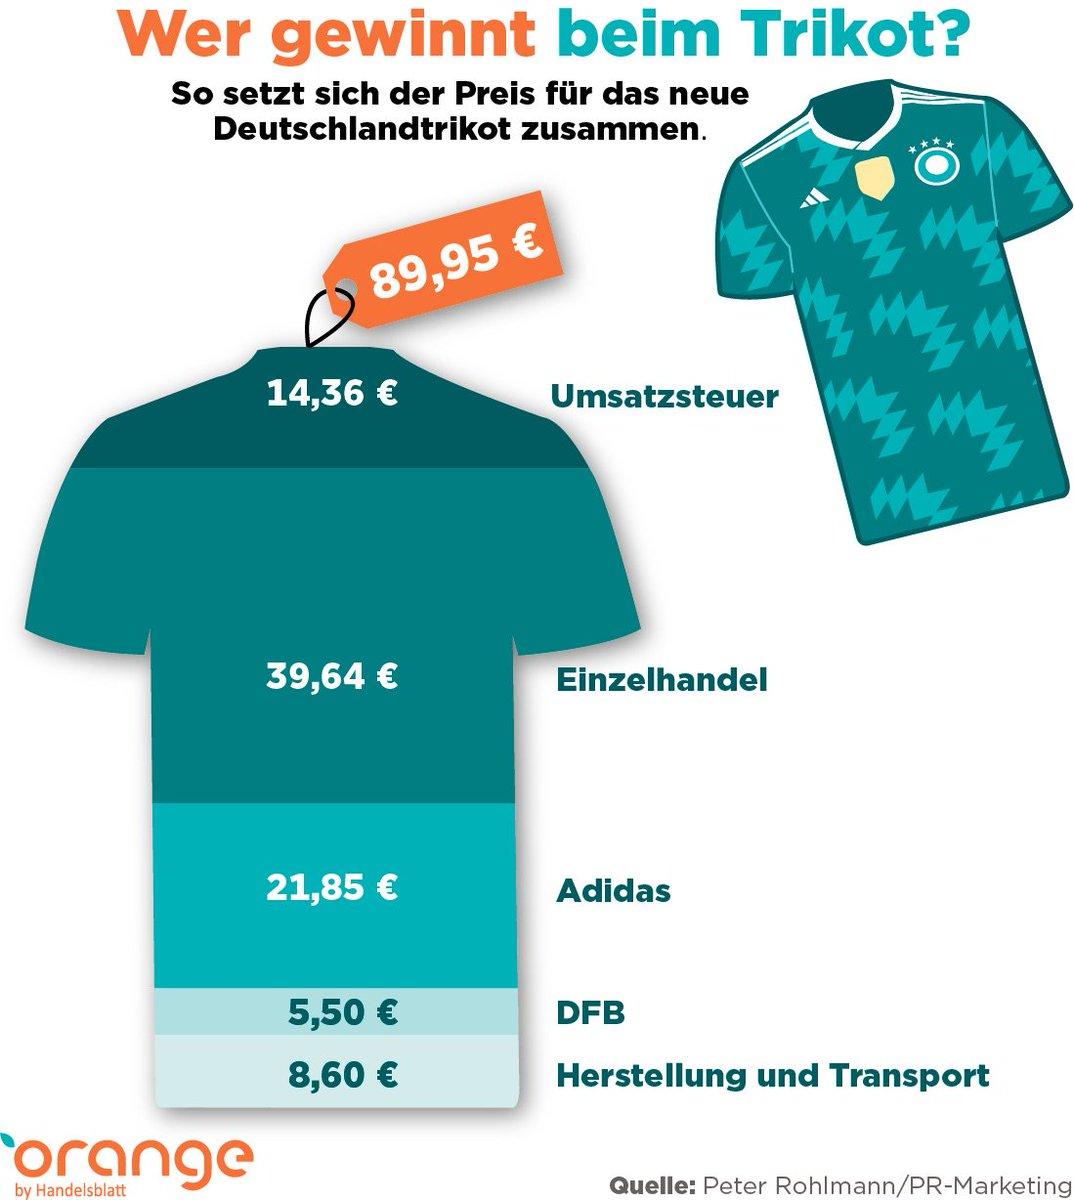 Hashtag #adidas deutschland trikot auf Twitter